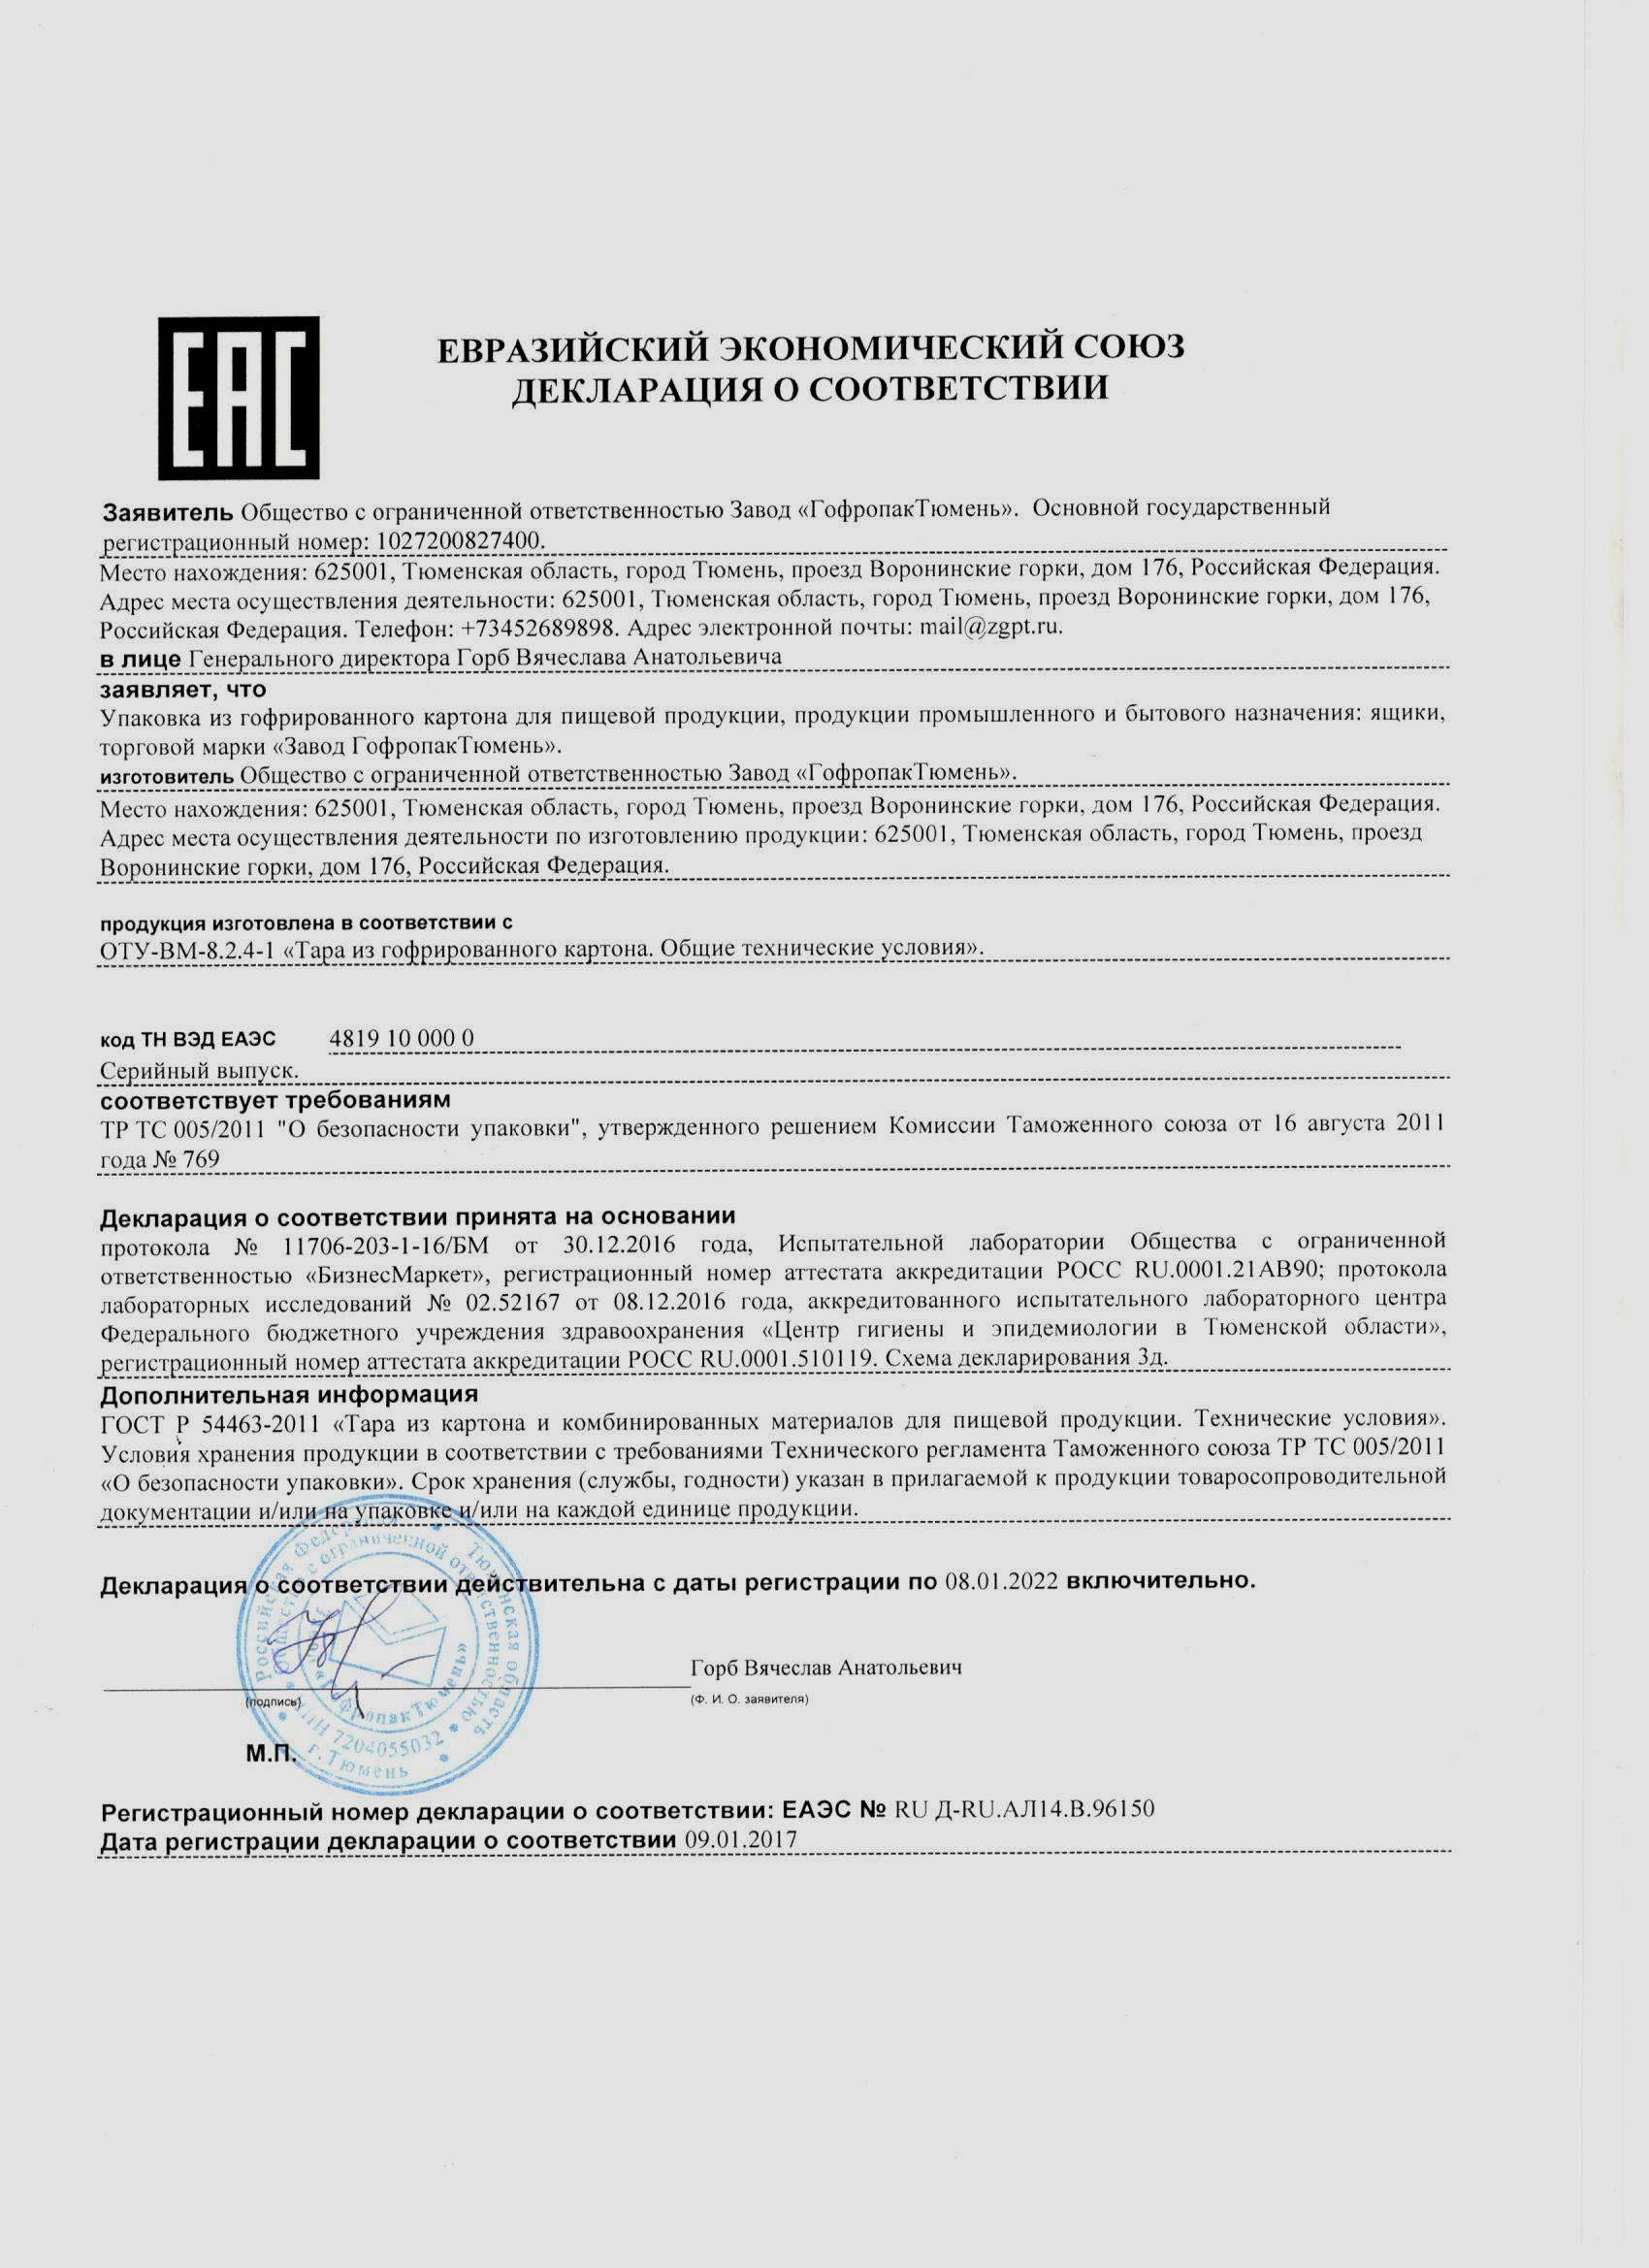 Декларация таможенного союза о соответствии ЕАЭС № RU Д-RU.АЛ14.В.96153 на упаковку из гофрированного картона для пищевой продукции: ящики торговой марки